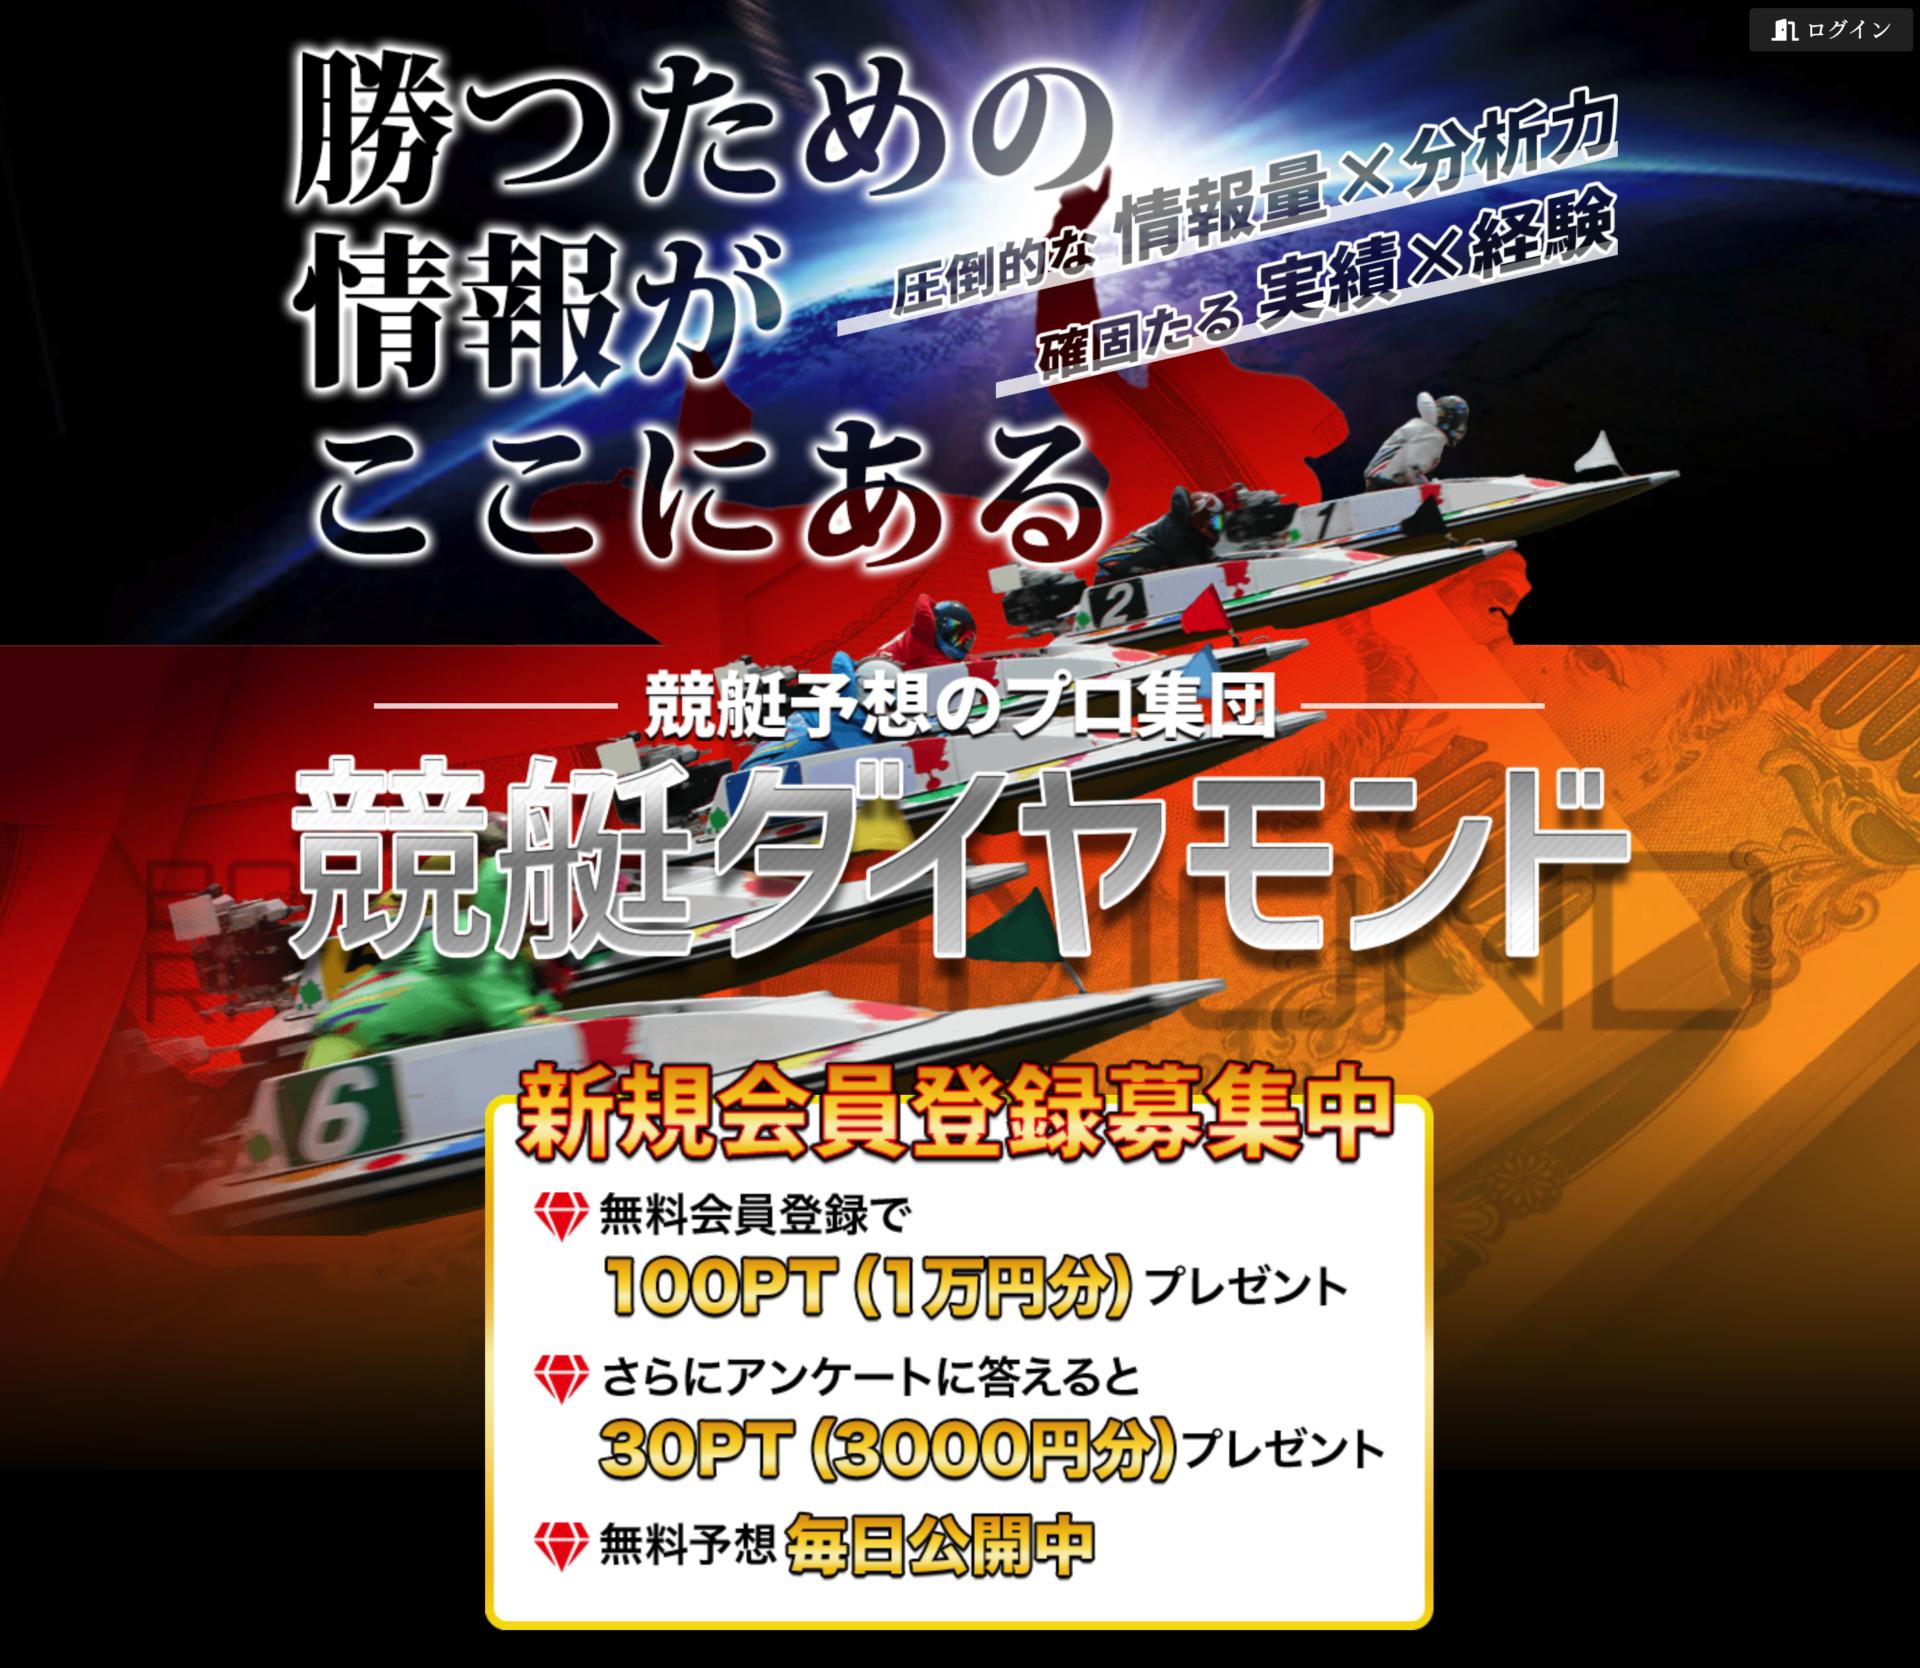 スクリーンショット 2020-04-23 12.22.05